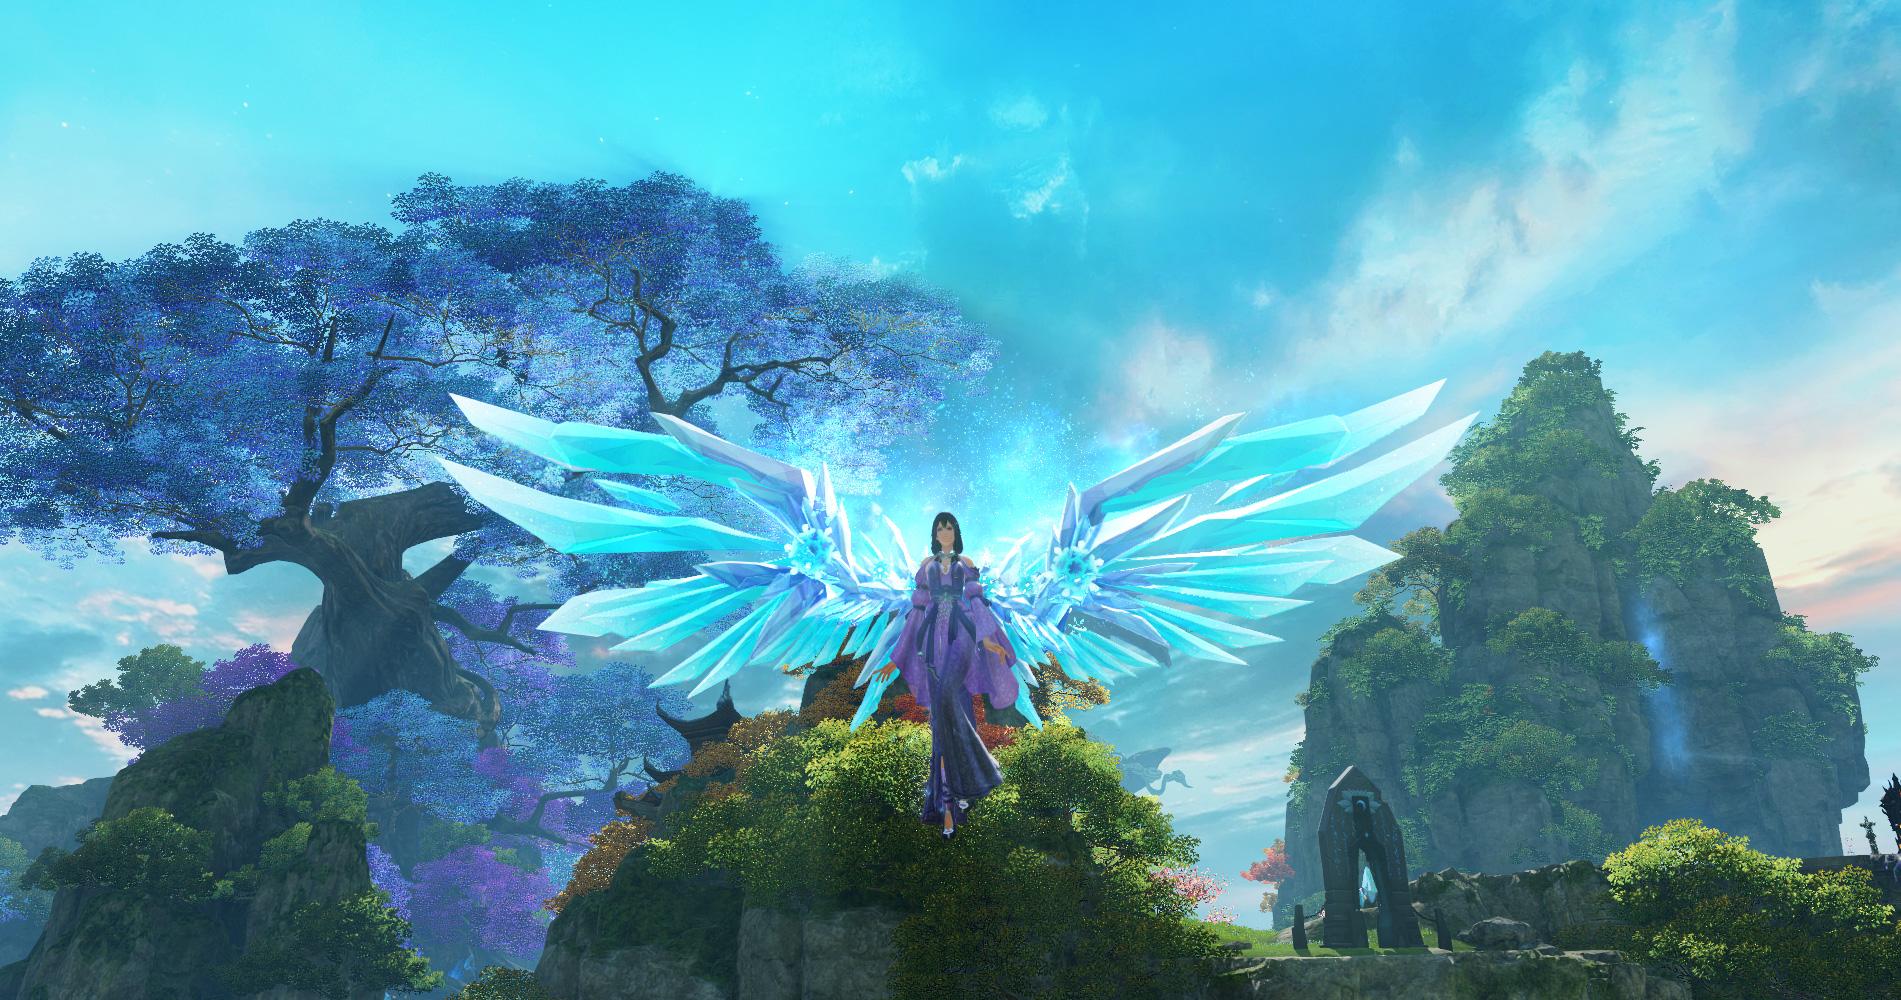 羽翼翅膀_游戏指南_全境飞行 仙侠巨作|《仙侠世界2》